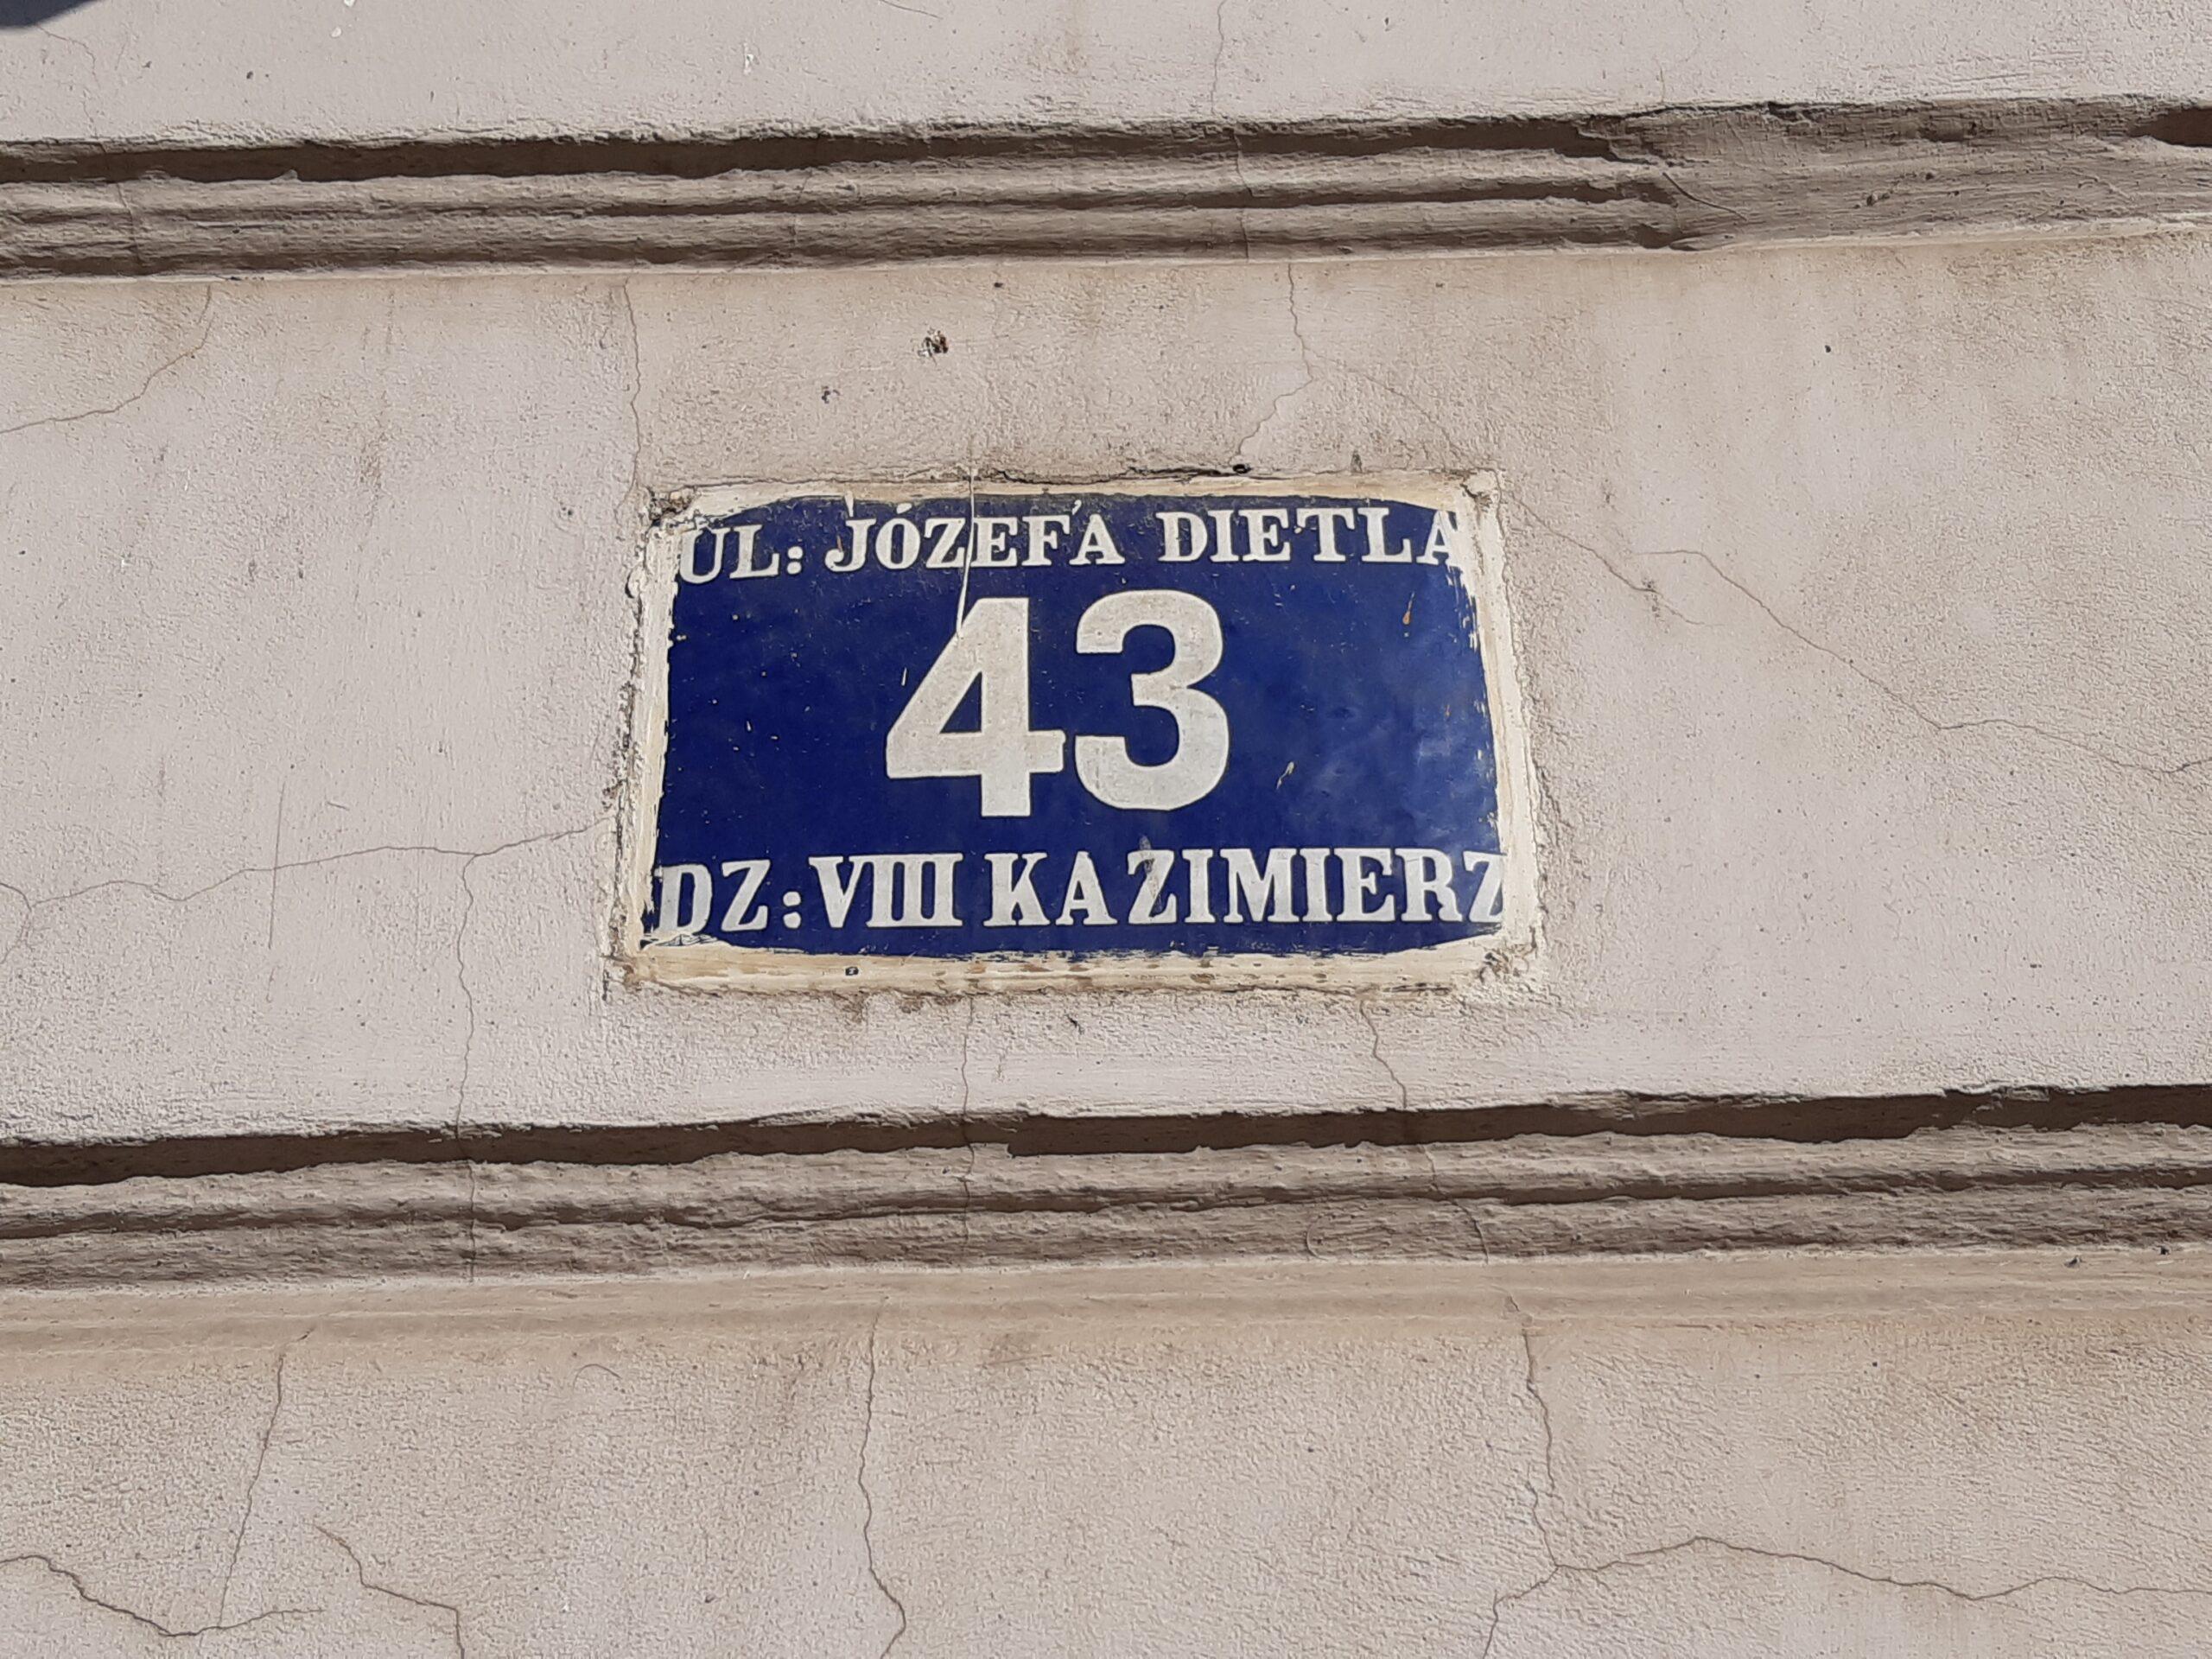 Na każdym budynku: numer, ulica i nazwa dzielnicy. W Krakowie czeka nas wymiana tabliczek?